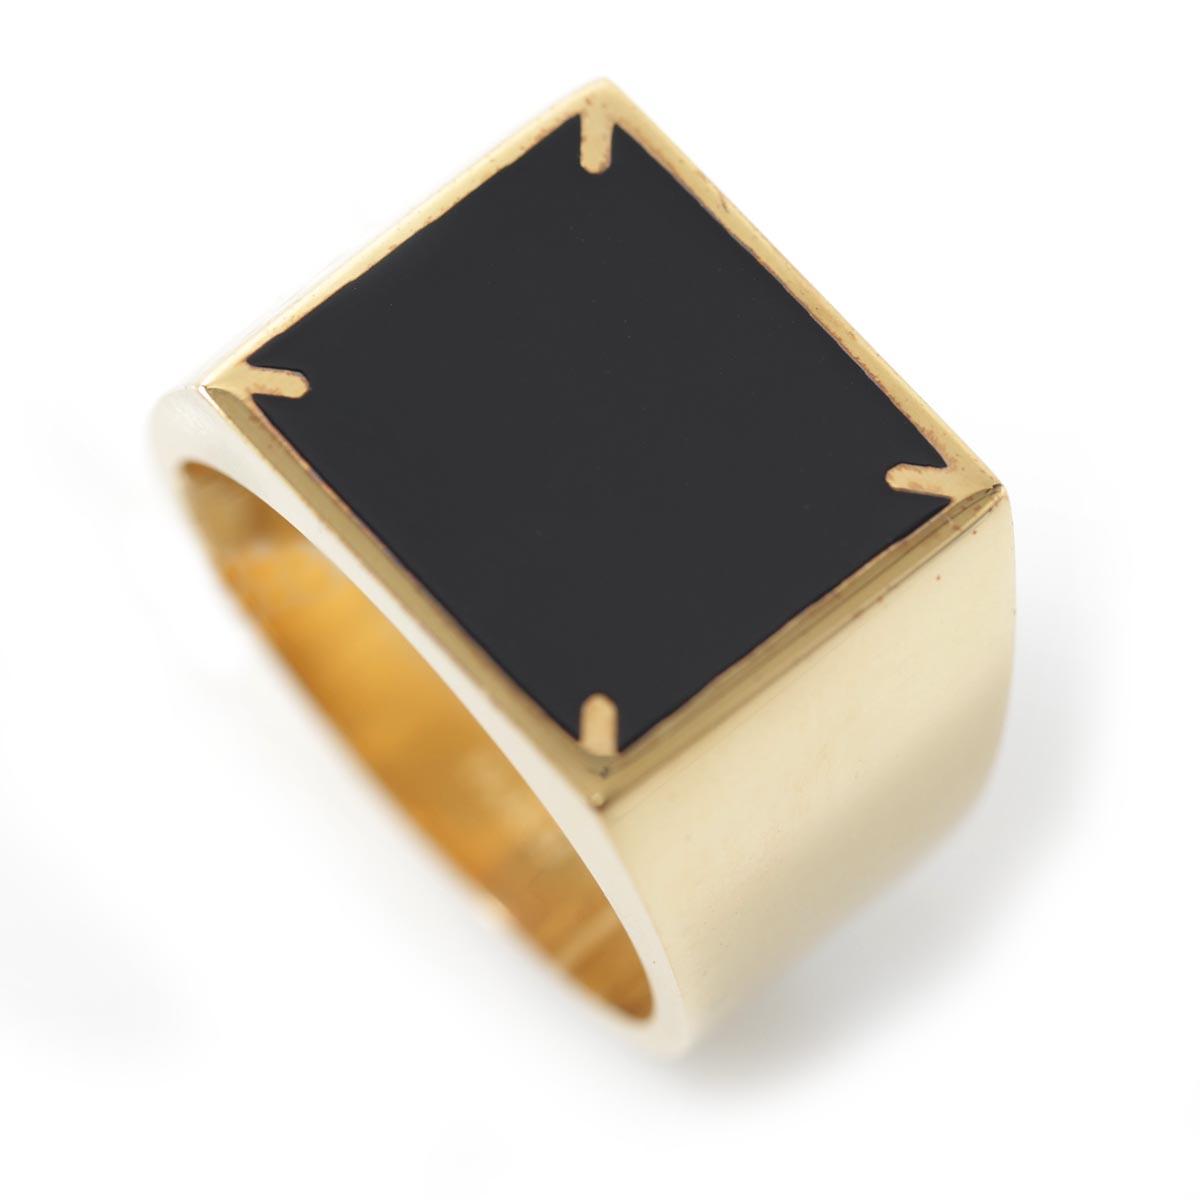 メゾンマルジェラ Maison Margiela リング ゴールド メンズ ギフト プレゼント 指輪 s50uq0069 s12657 963 11 女性と男性のためのアクセサリーコレクション【あす楽対応_関東】【返品送料無料】【ラッピング無料】